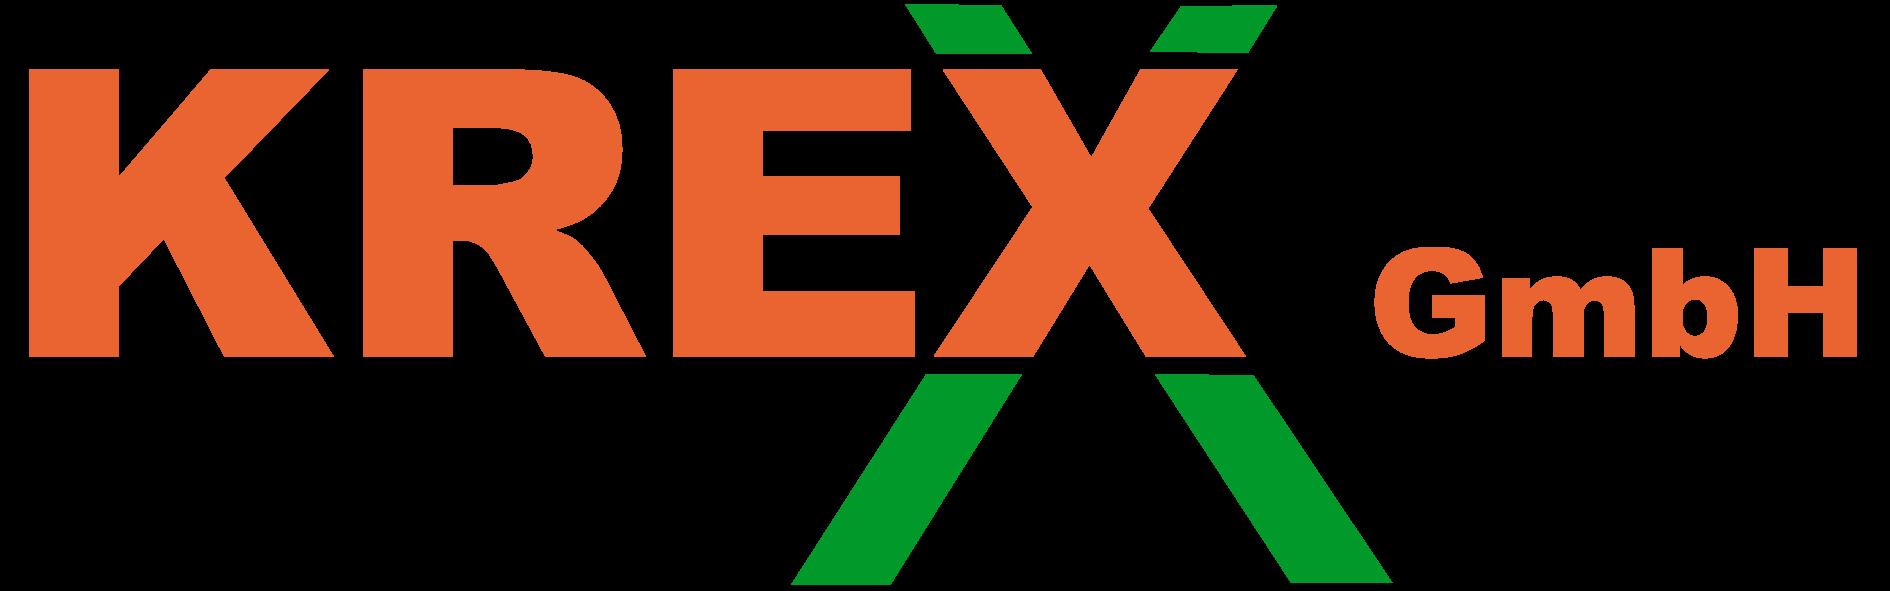 KREX GmbH